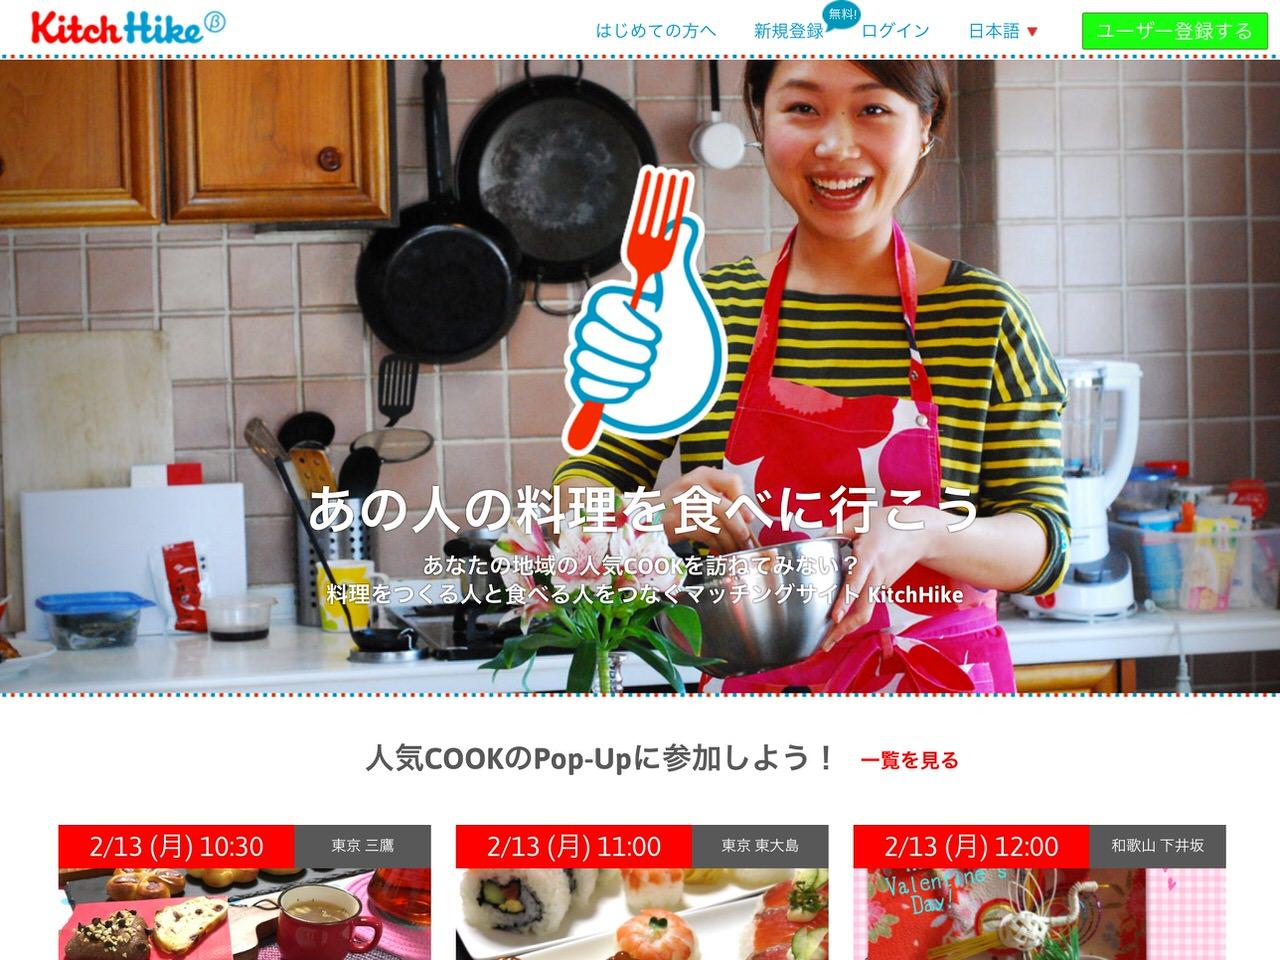 料理を食べる人と作る人をマッチングする「KitchHike(キッチハイク)」